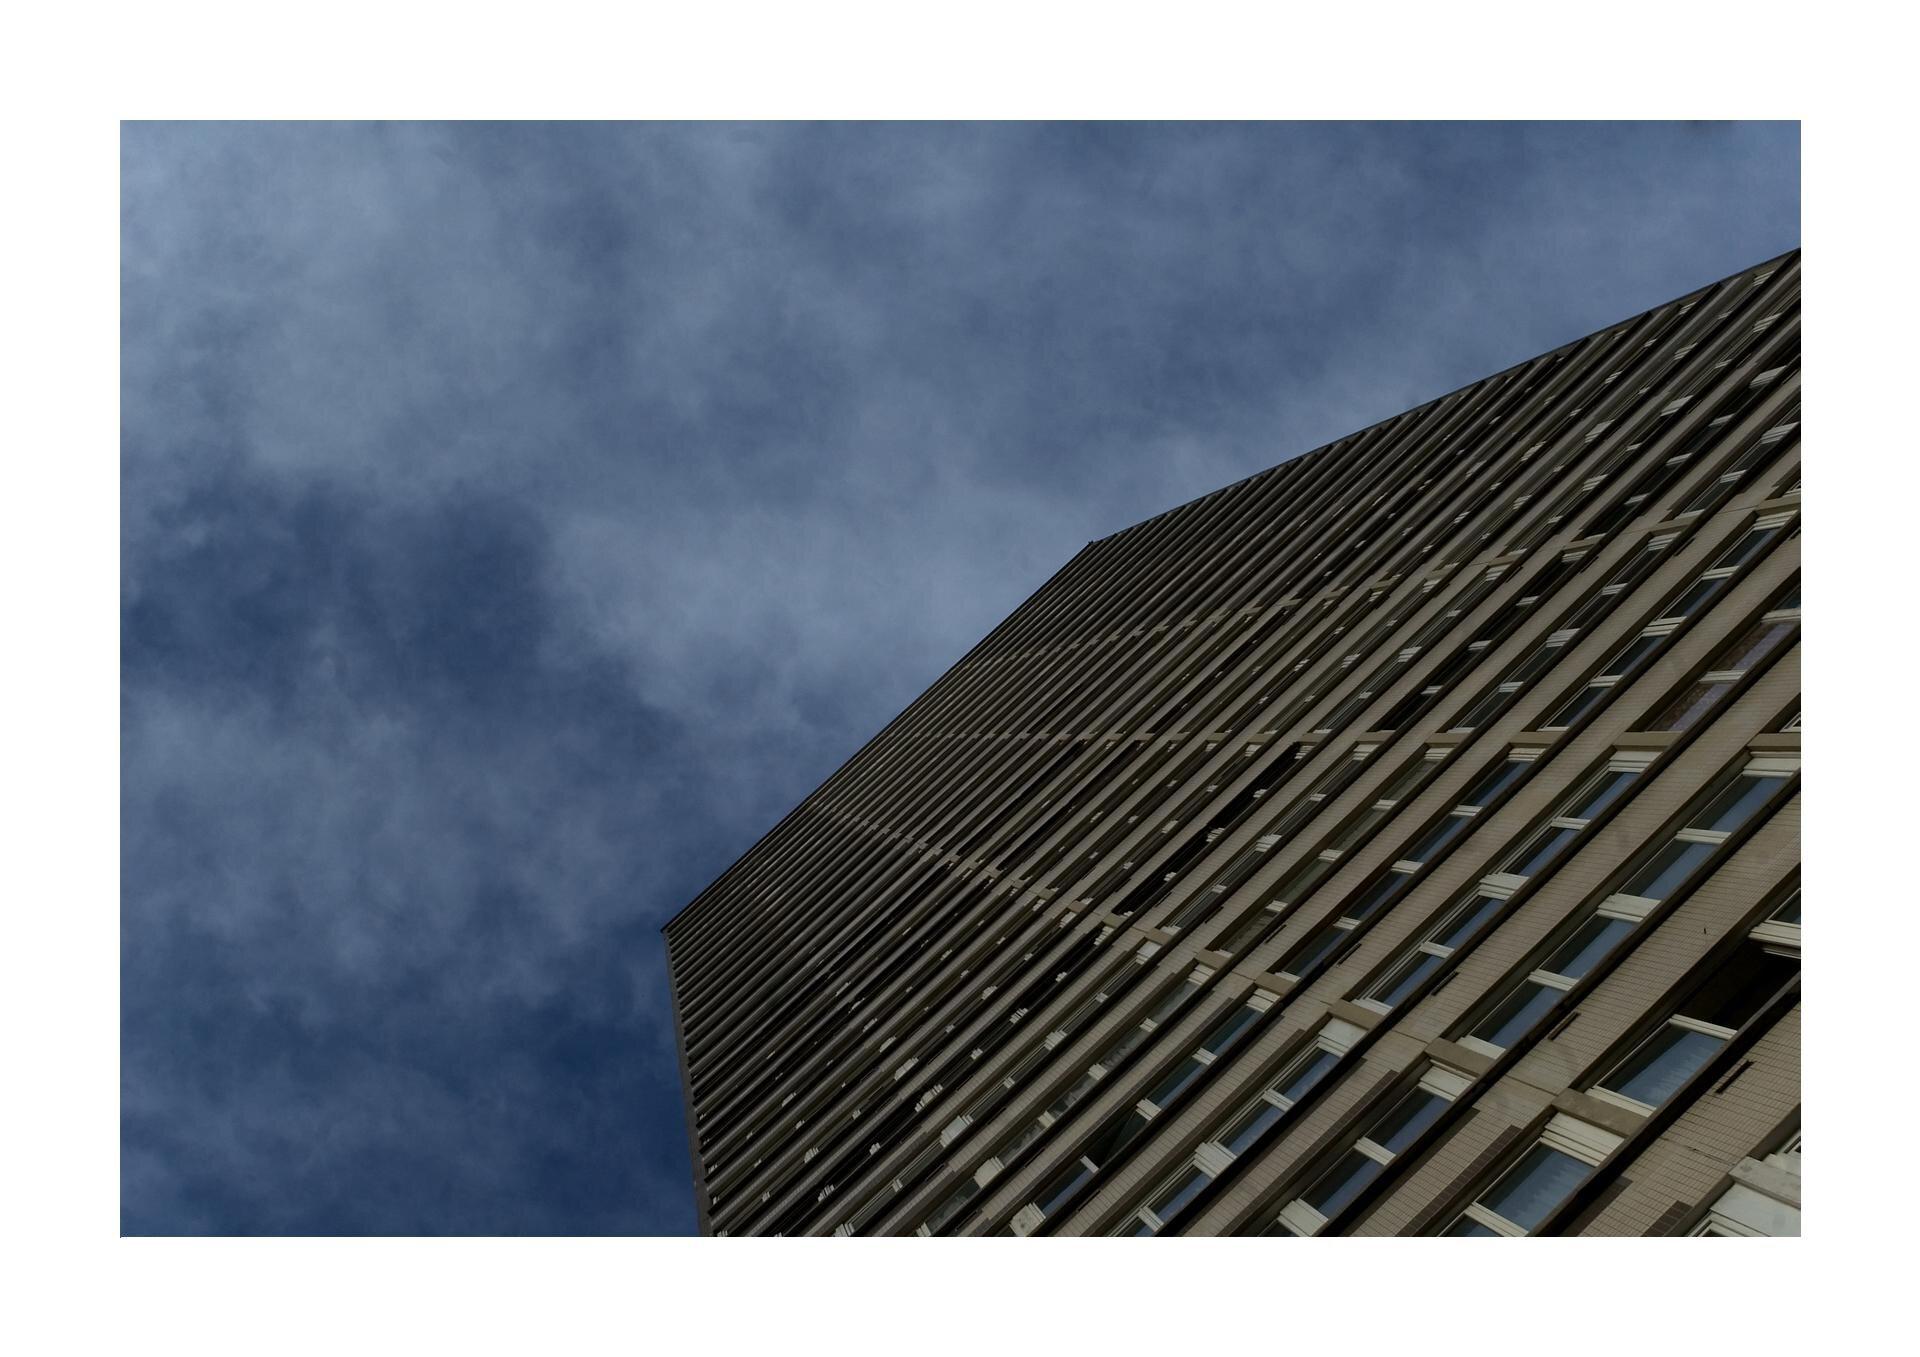 Wzadaniu zostało wykorzystane zdjęcie przedstawiające blok, kilkunasto piętrowy na błękitnym niebie.